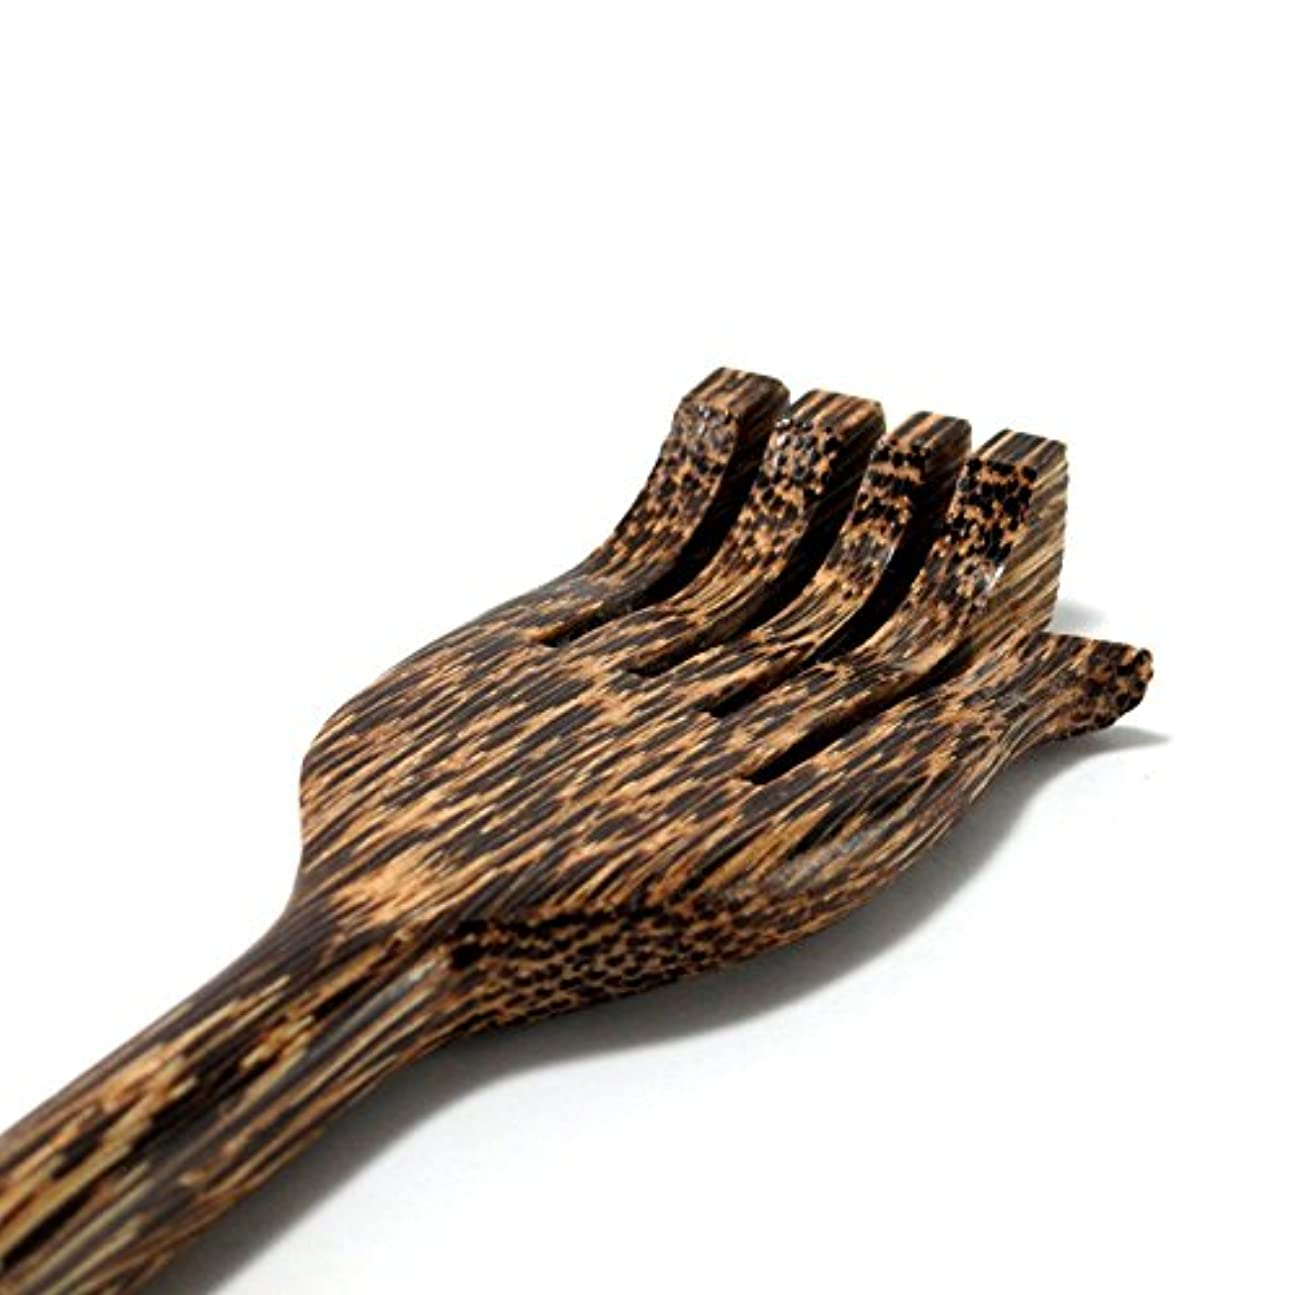 会うタブレット反映するMARUKOA - バックスクラッチャー 新しいパームウッド手作りスティック タイボディマッサージ木製ギフト